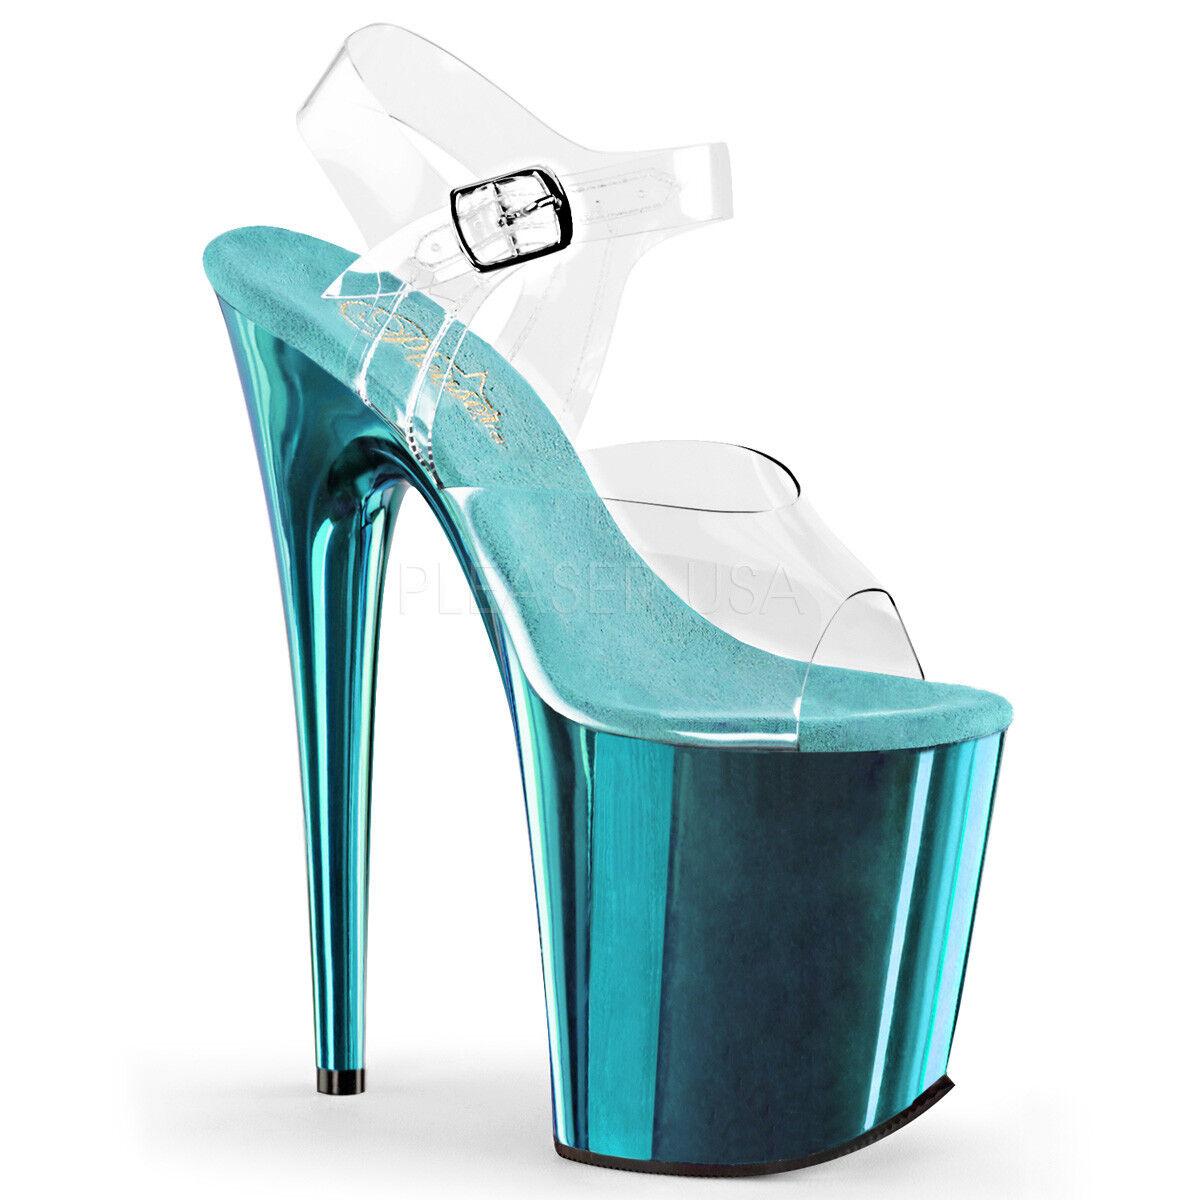 sconto Pleaser FLAMINGO-808 Clear Turquoise Chrome 8  Heel Platform Platform Platform Ankle Strap Sandals  qualità di prima classe